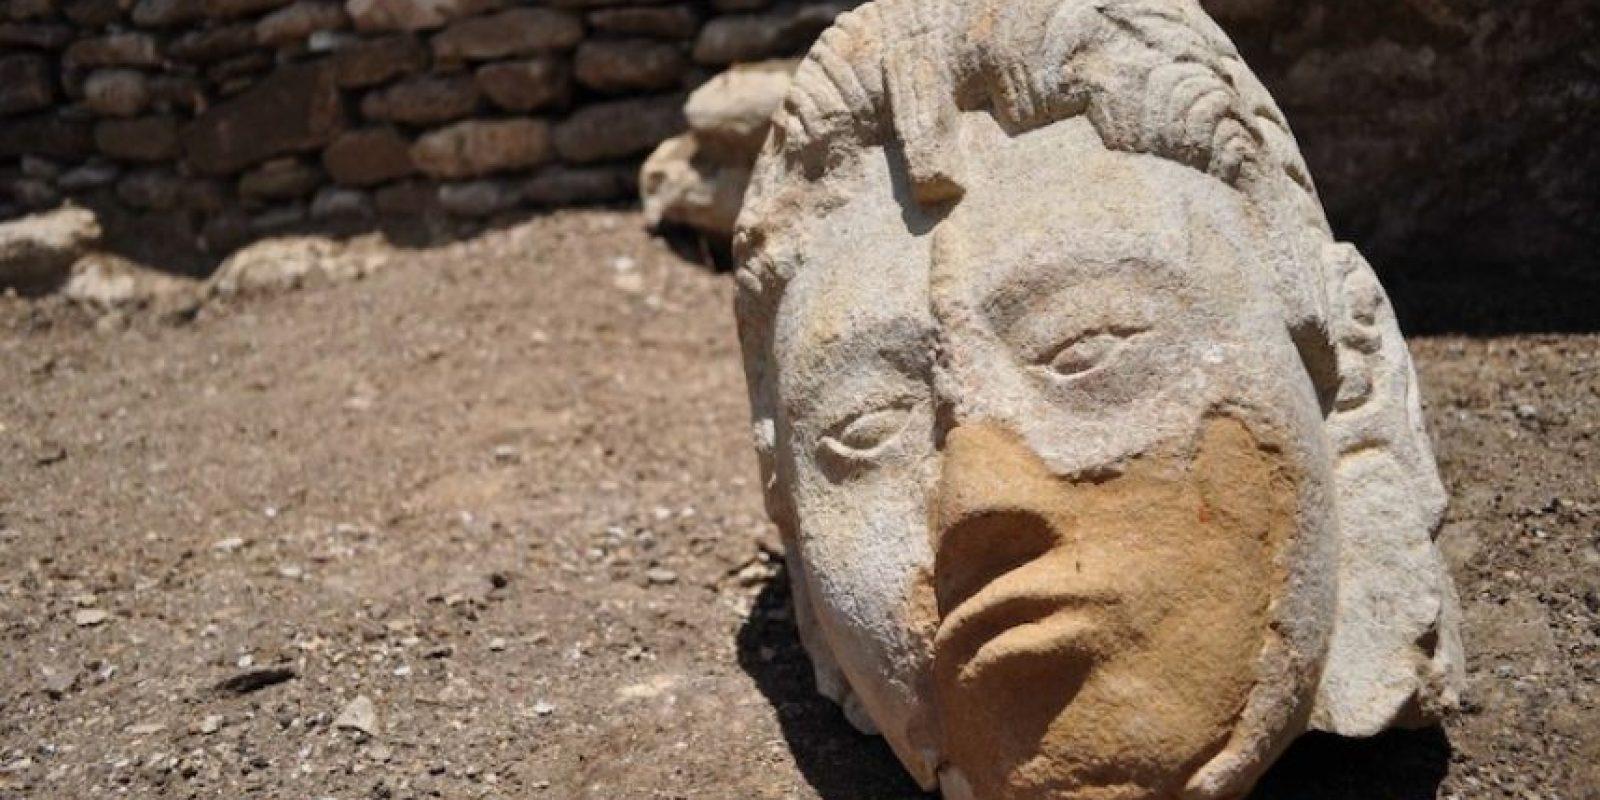 Las piezas se suman a seis elementos decorativos que fueron encontrados desde la década de los 90 y que consisten en cuatro tableros, dos de los cuales se exhiben en el Museo de Sitio de Toniná. Foto:Cuartoscuro